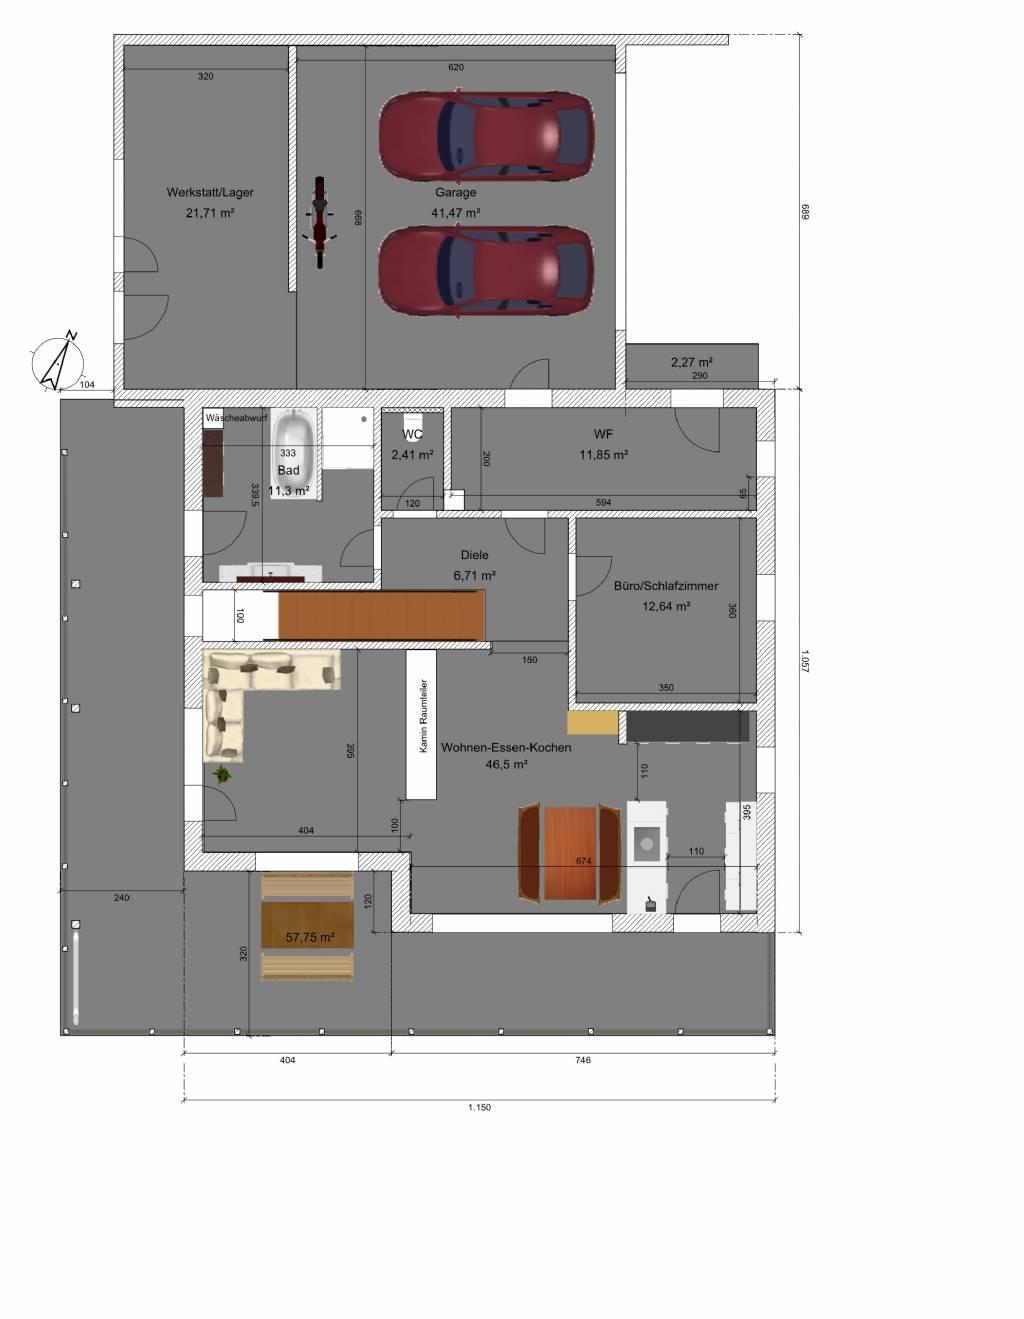 ntwurf Hanghaus mit Wohnkeller Grundrissforum auf ... size: 1024 x 1319 post ID: 4 File size: 0 B